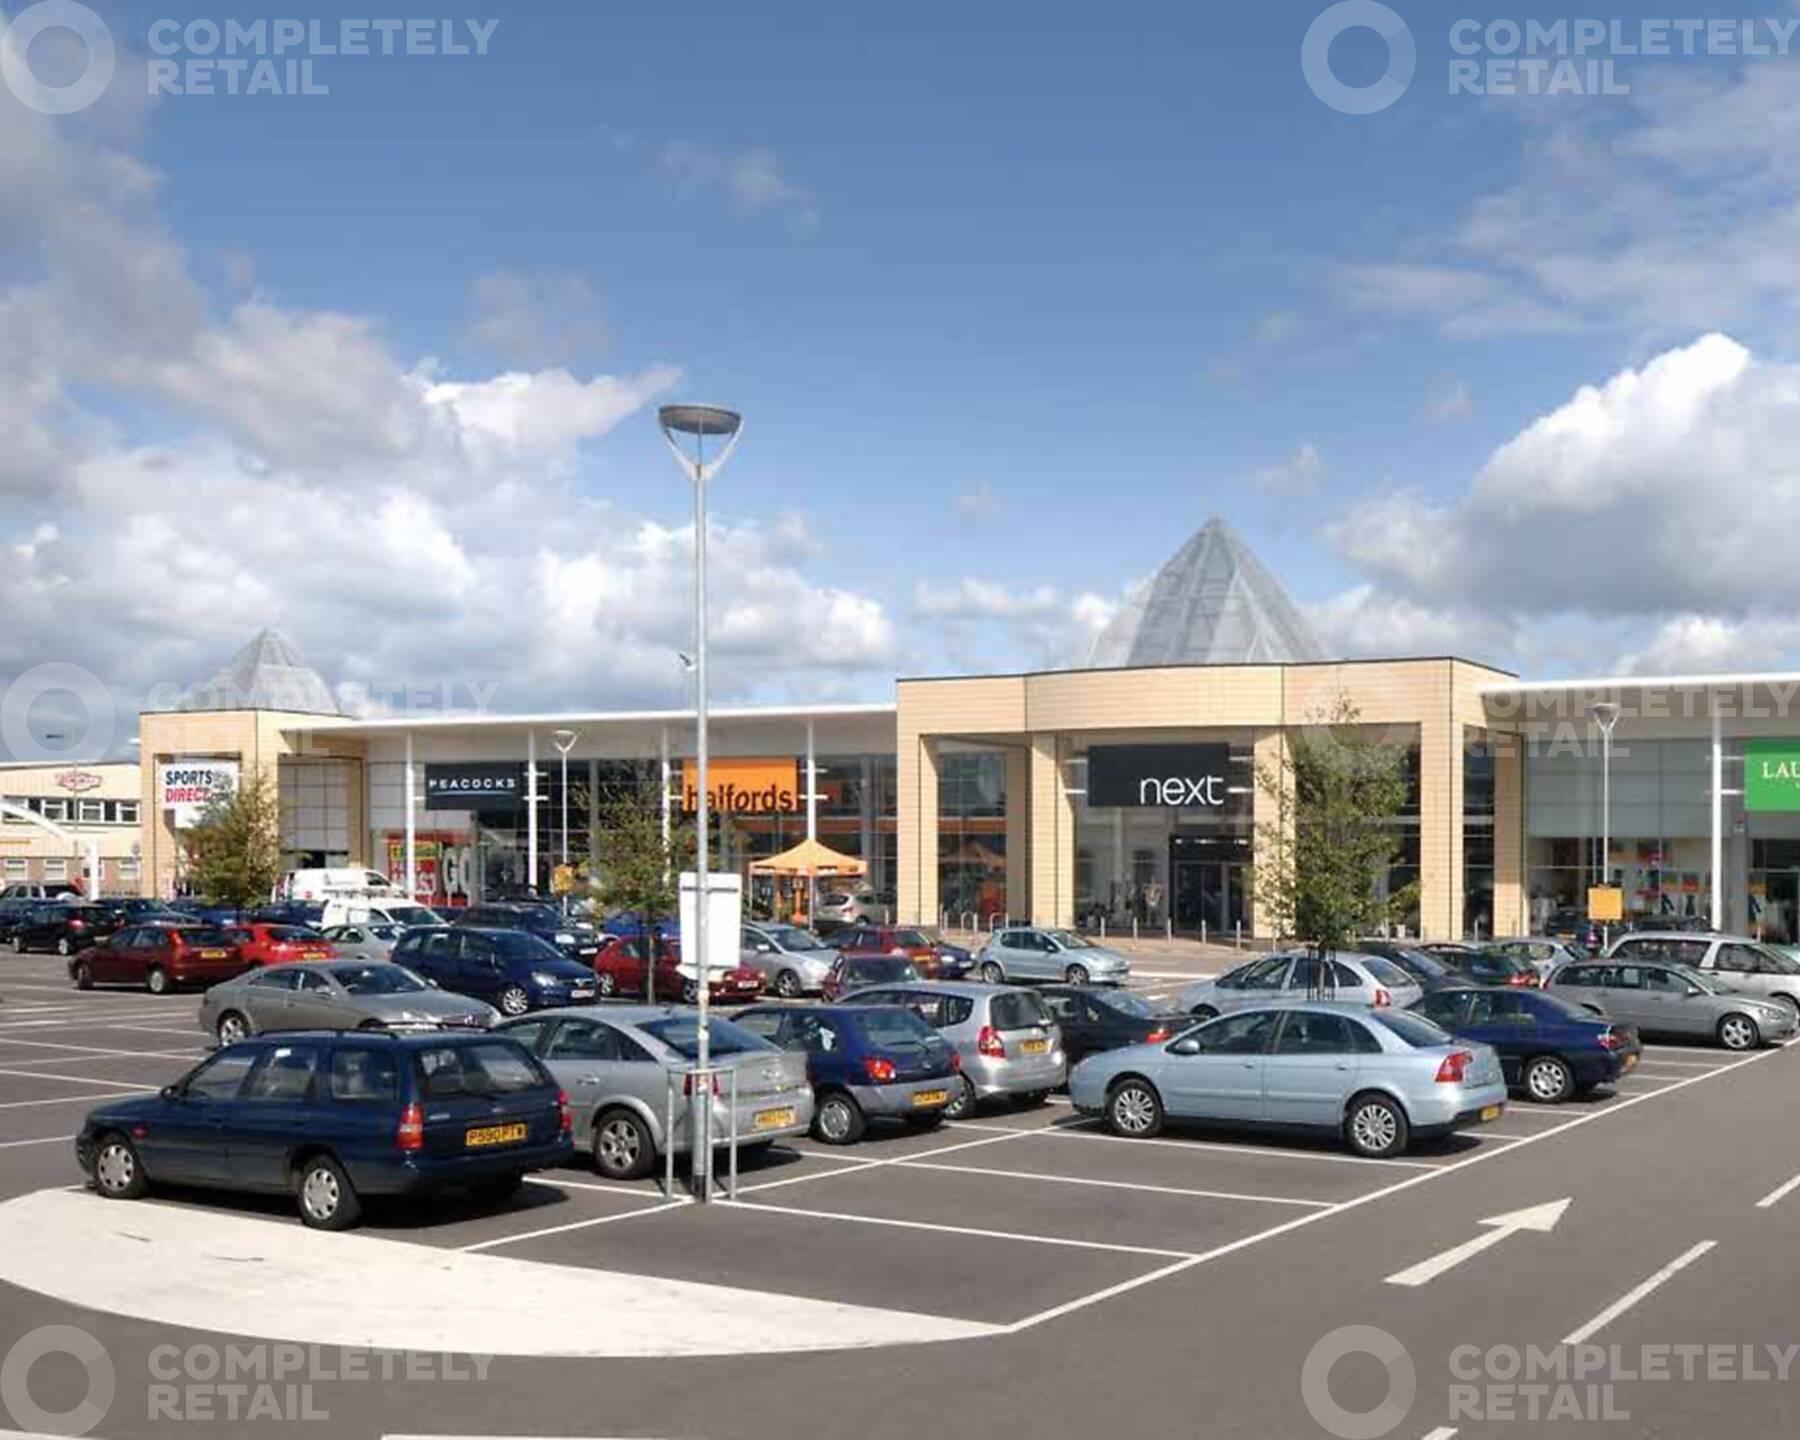 Solent Retail Park